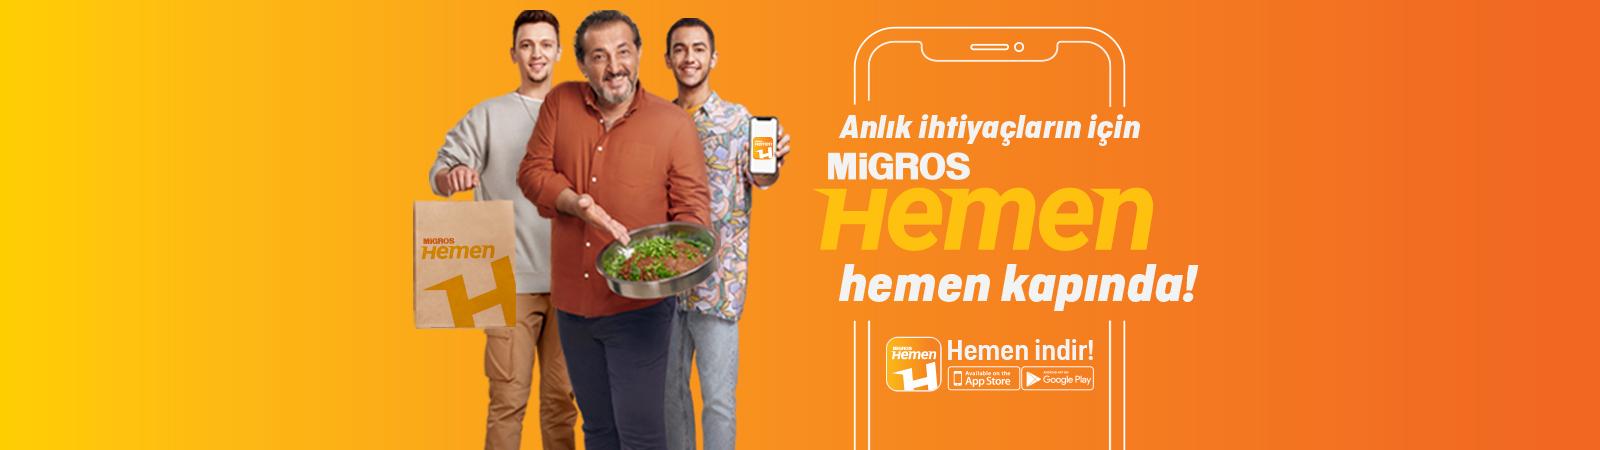 Migros Hemen!